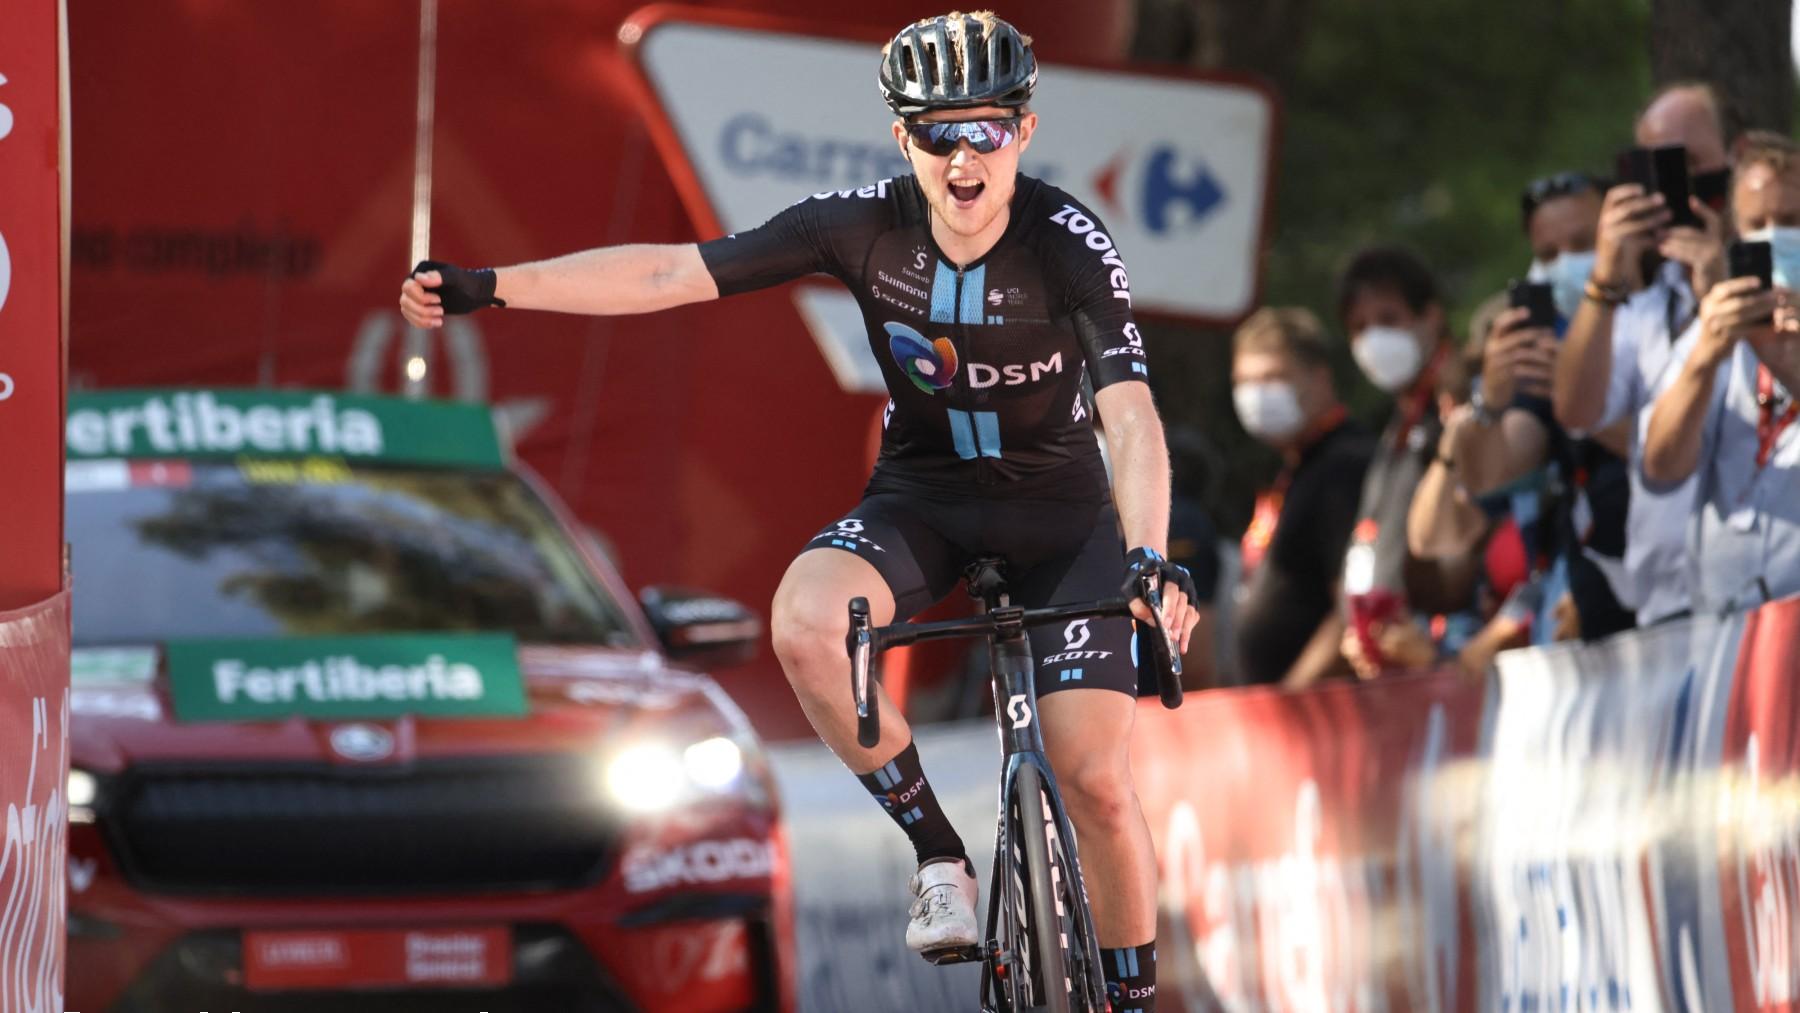 Storer celebra la victoria en el Balcón de Alicante. (AFP)